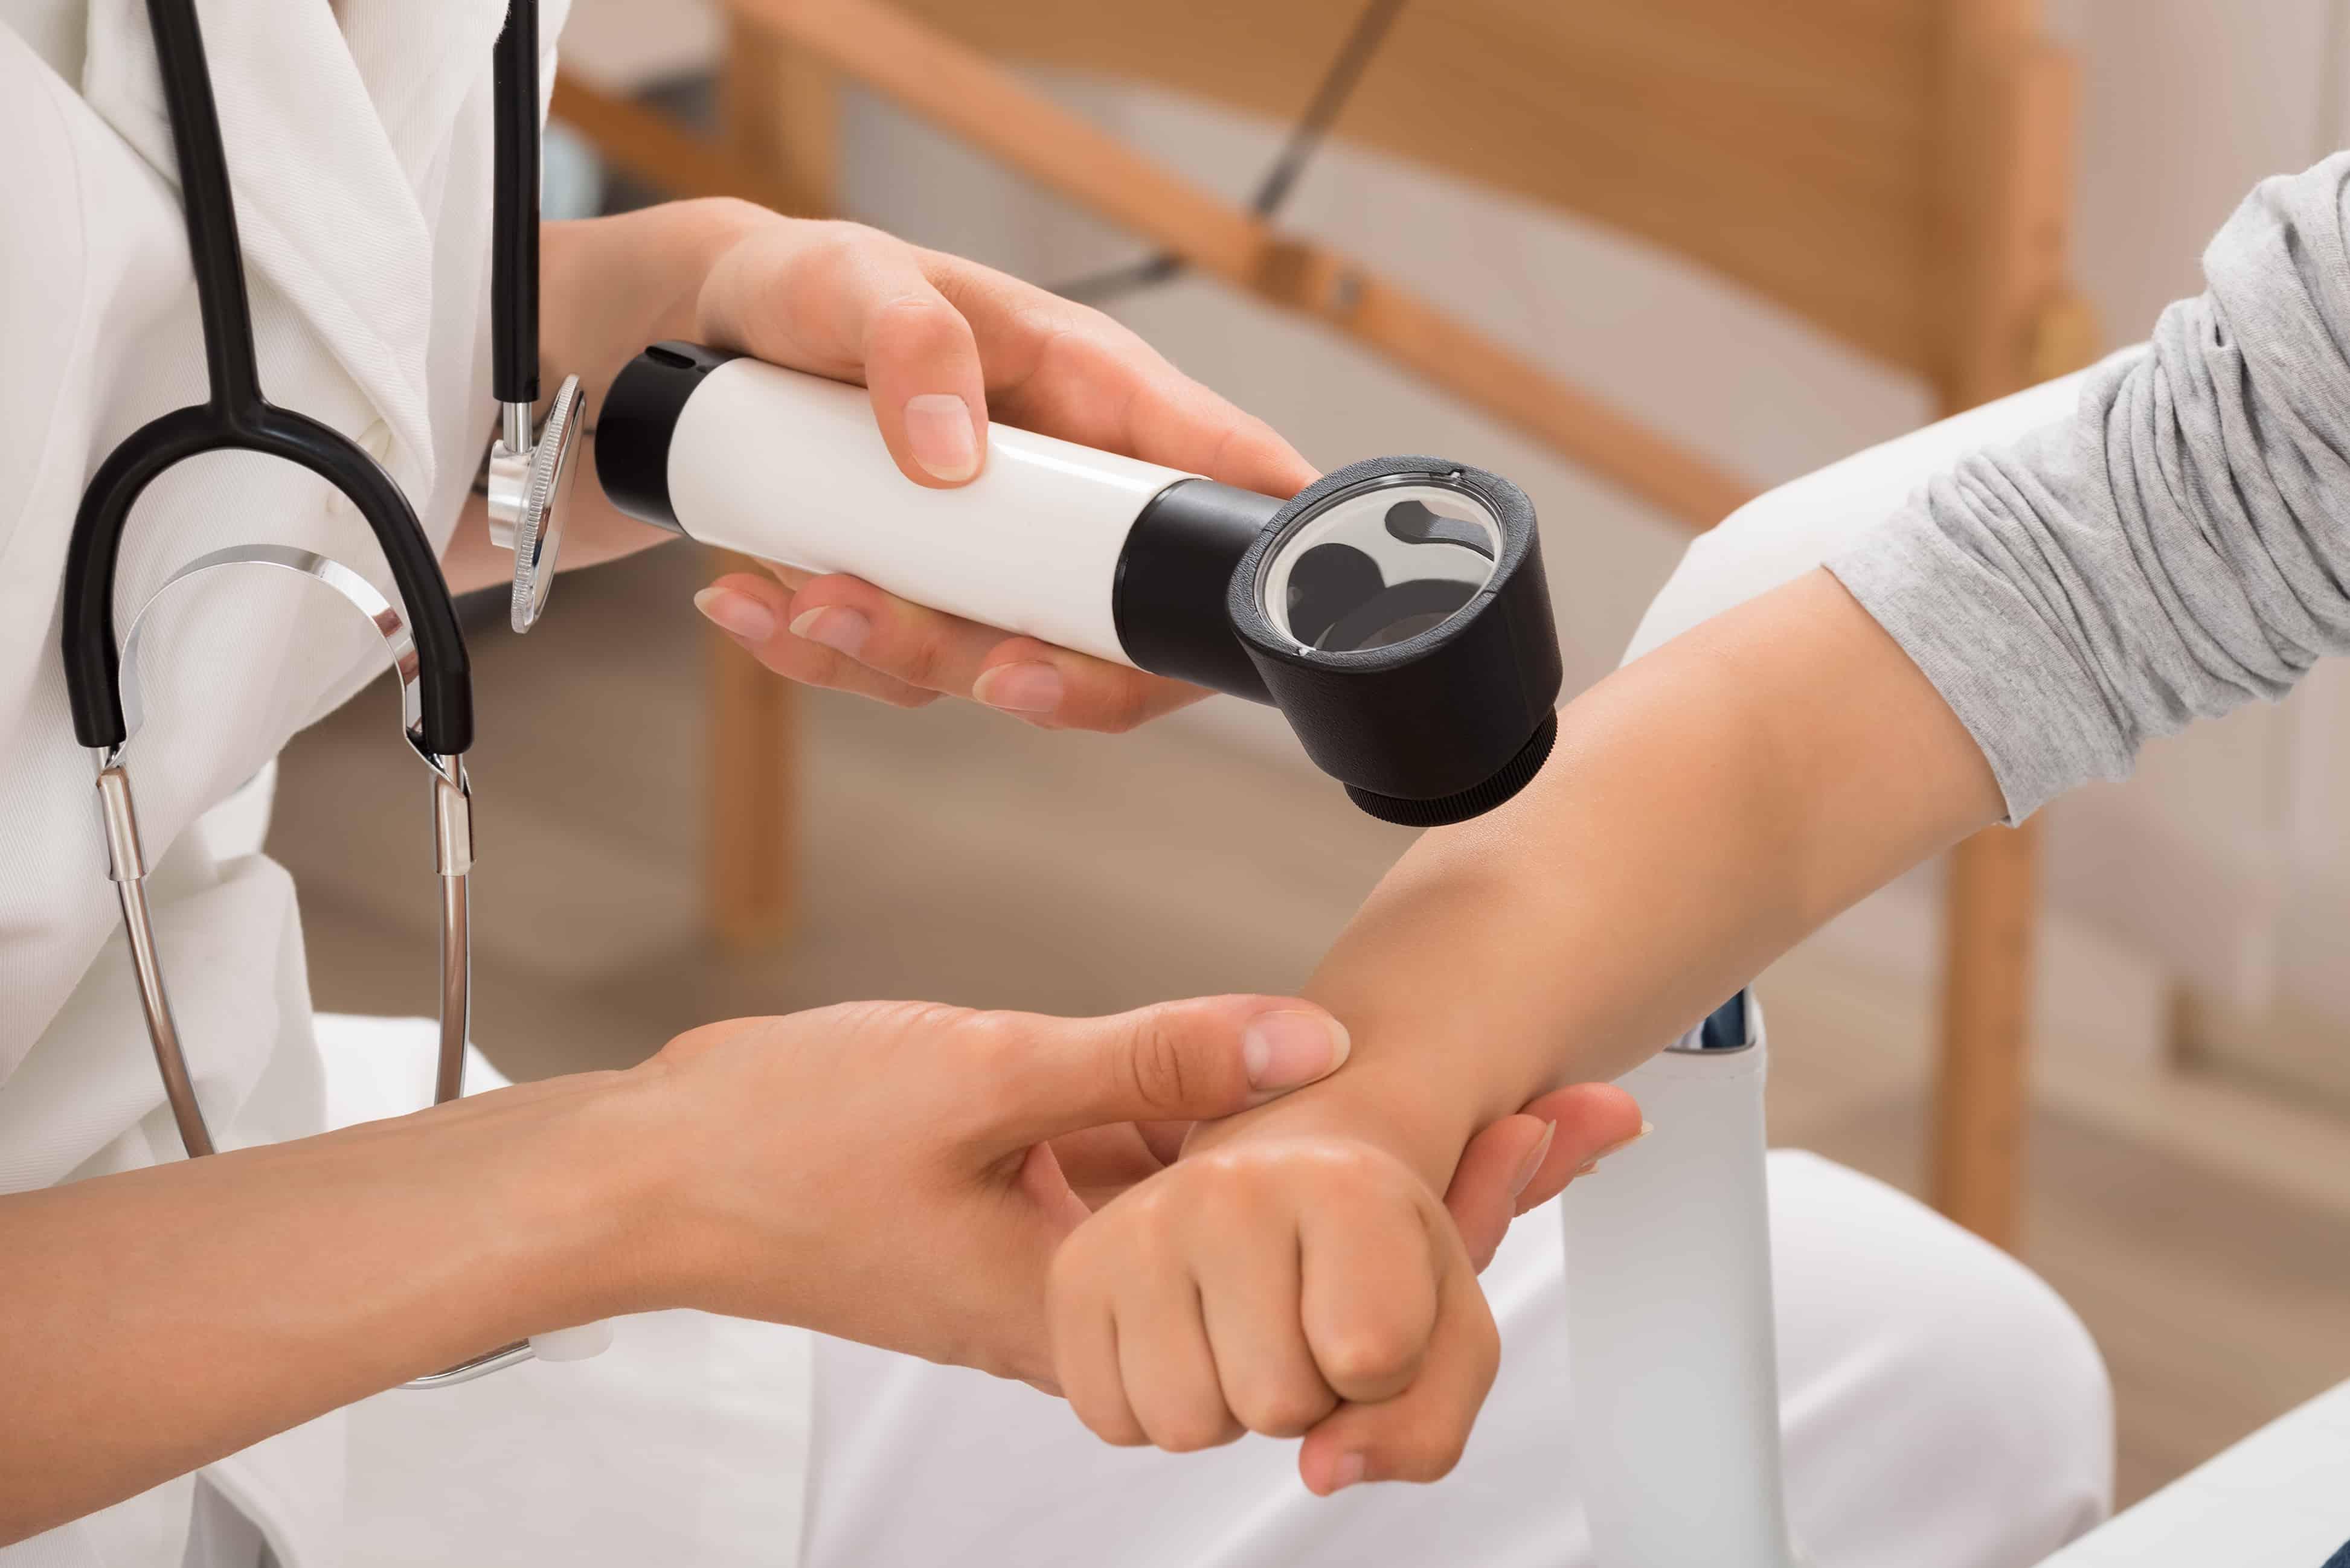 Fórmate con el Postgrado en Dermatología y ejerce como esteticista profesional